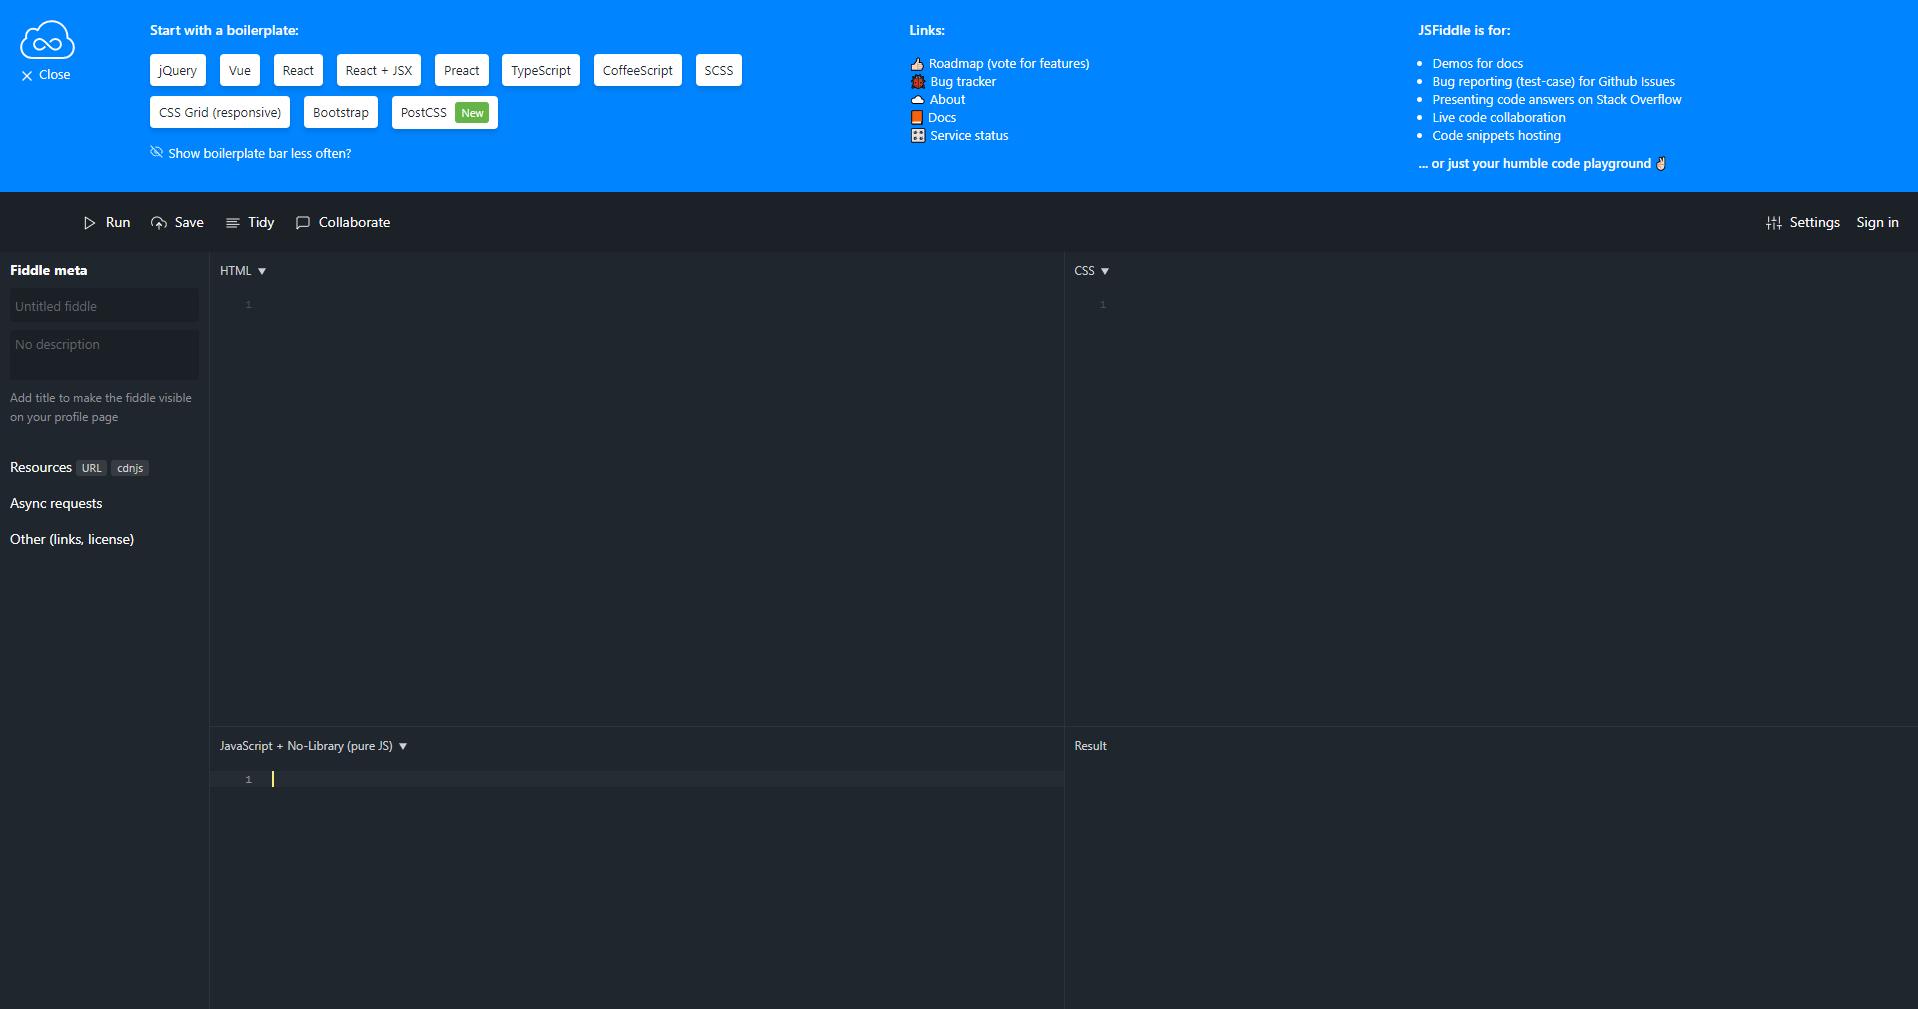 screenshot of jsfiddle.net interface